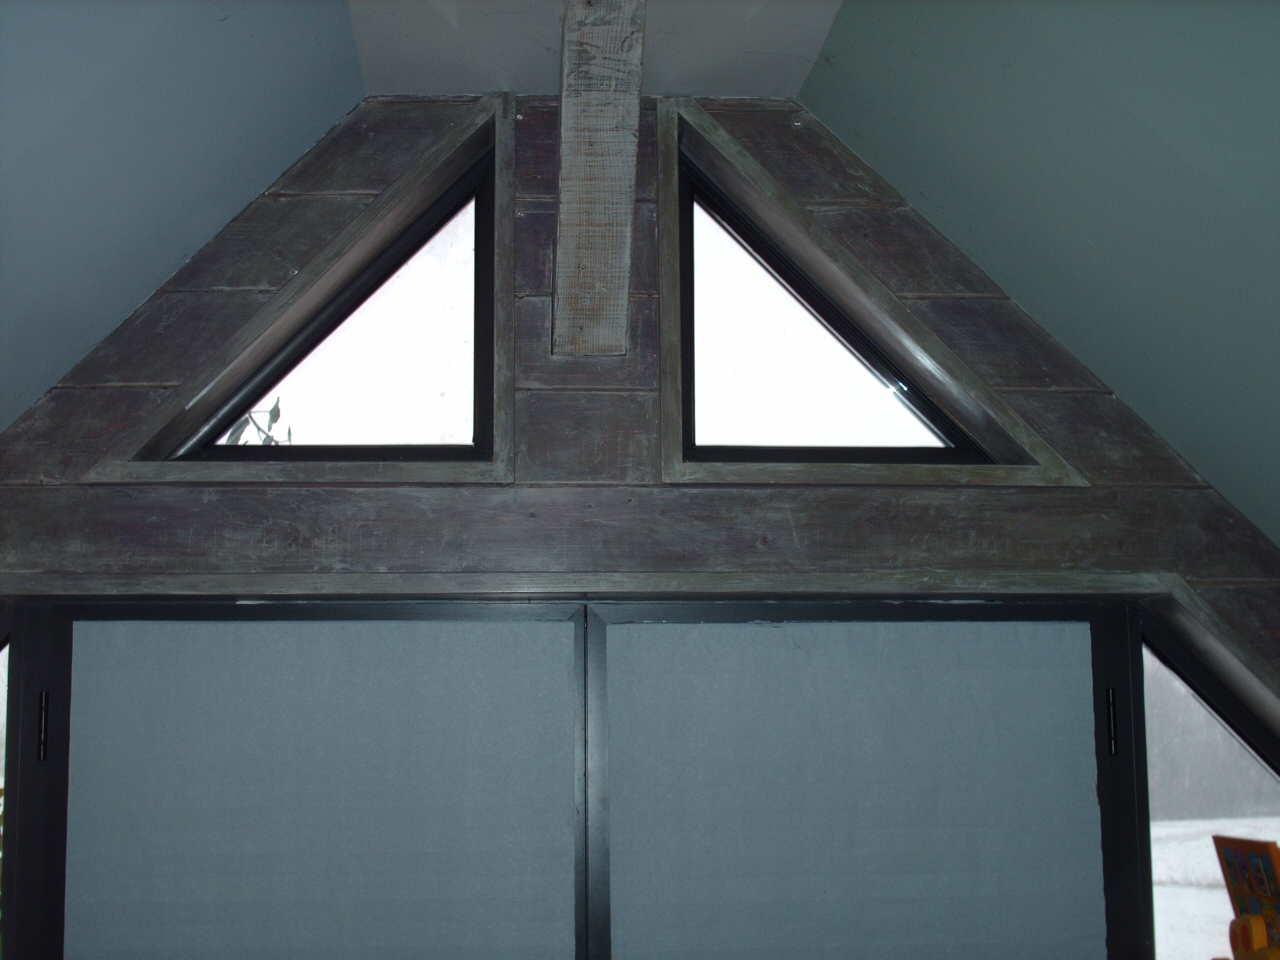 Ponceuse Pour Poutre Bois comment donner à vos poutres et plafonds un new look, effet